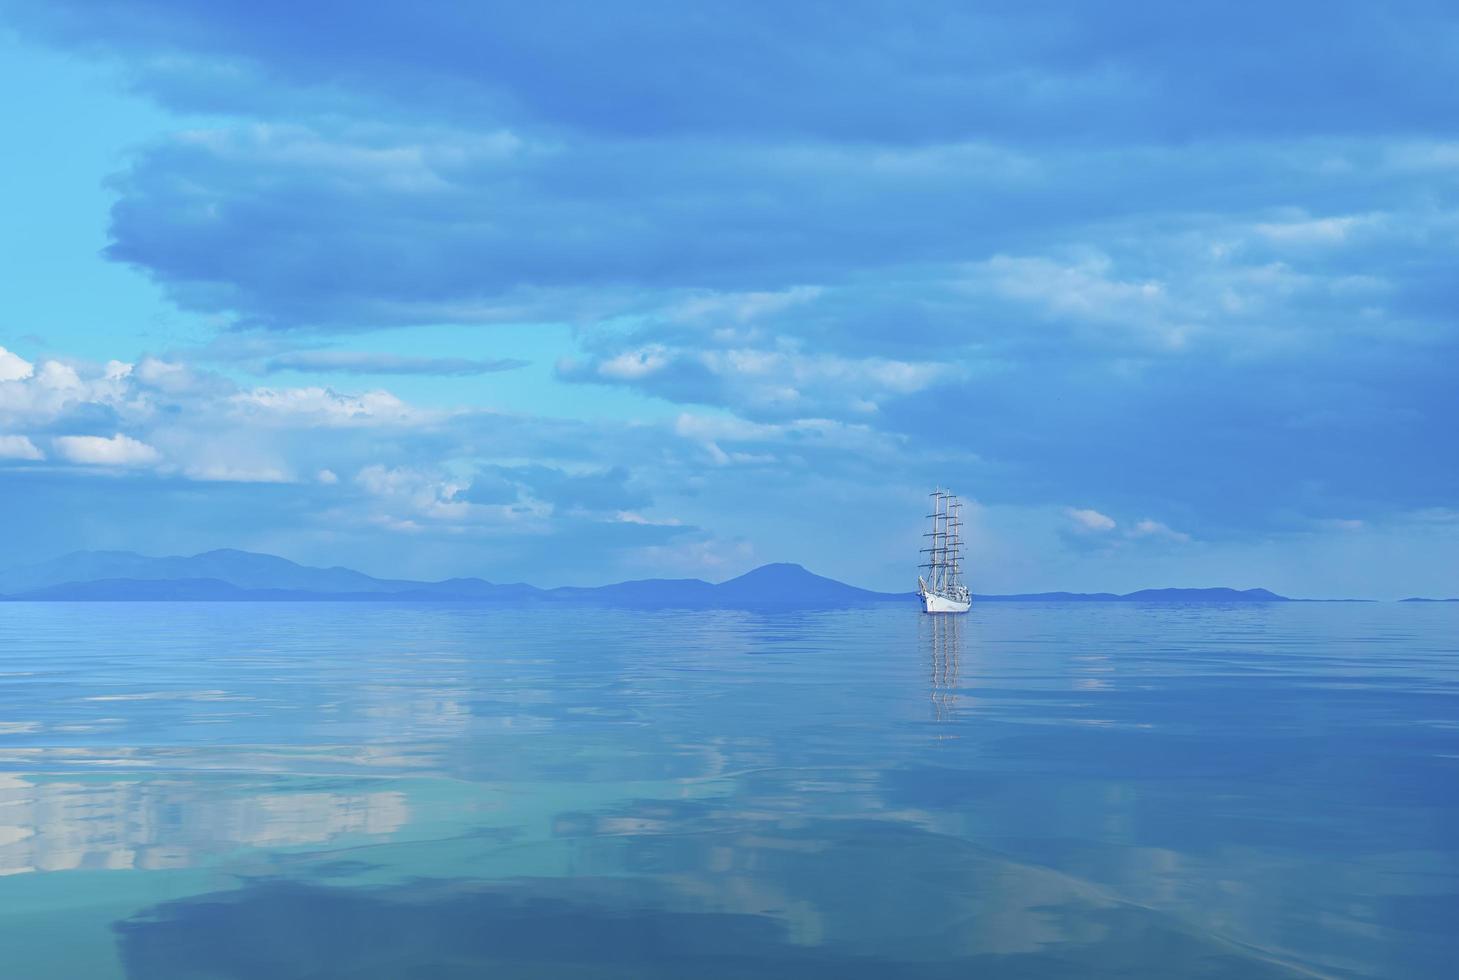 paysage marin avec un beau voilier à l'horizon. photo